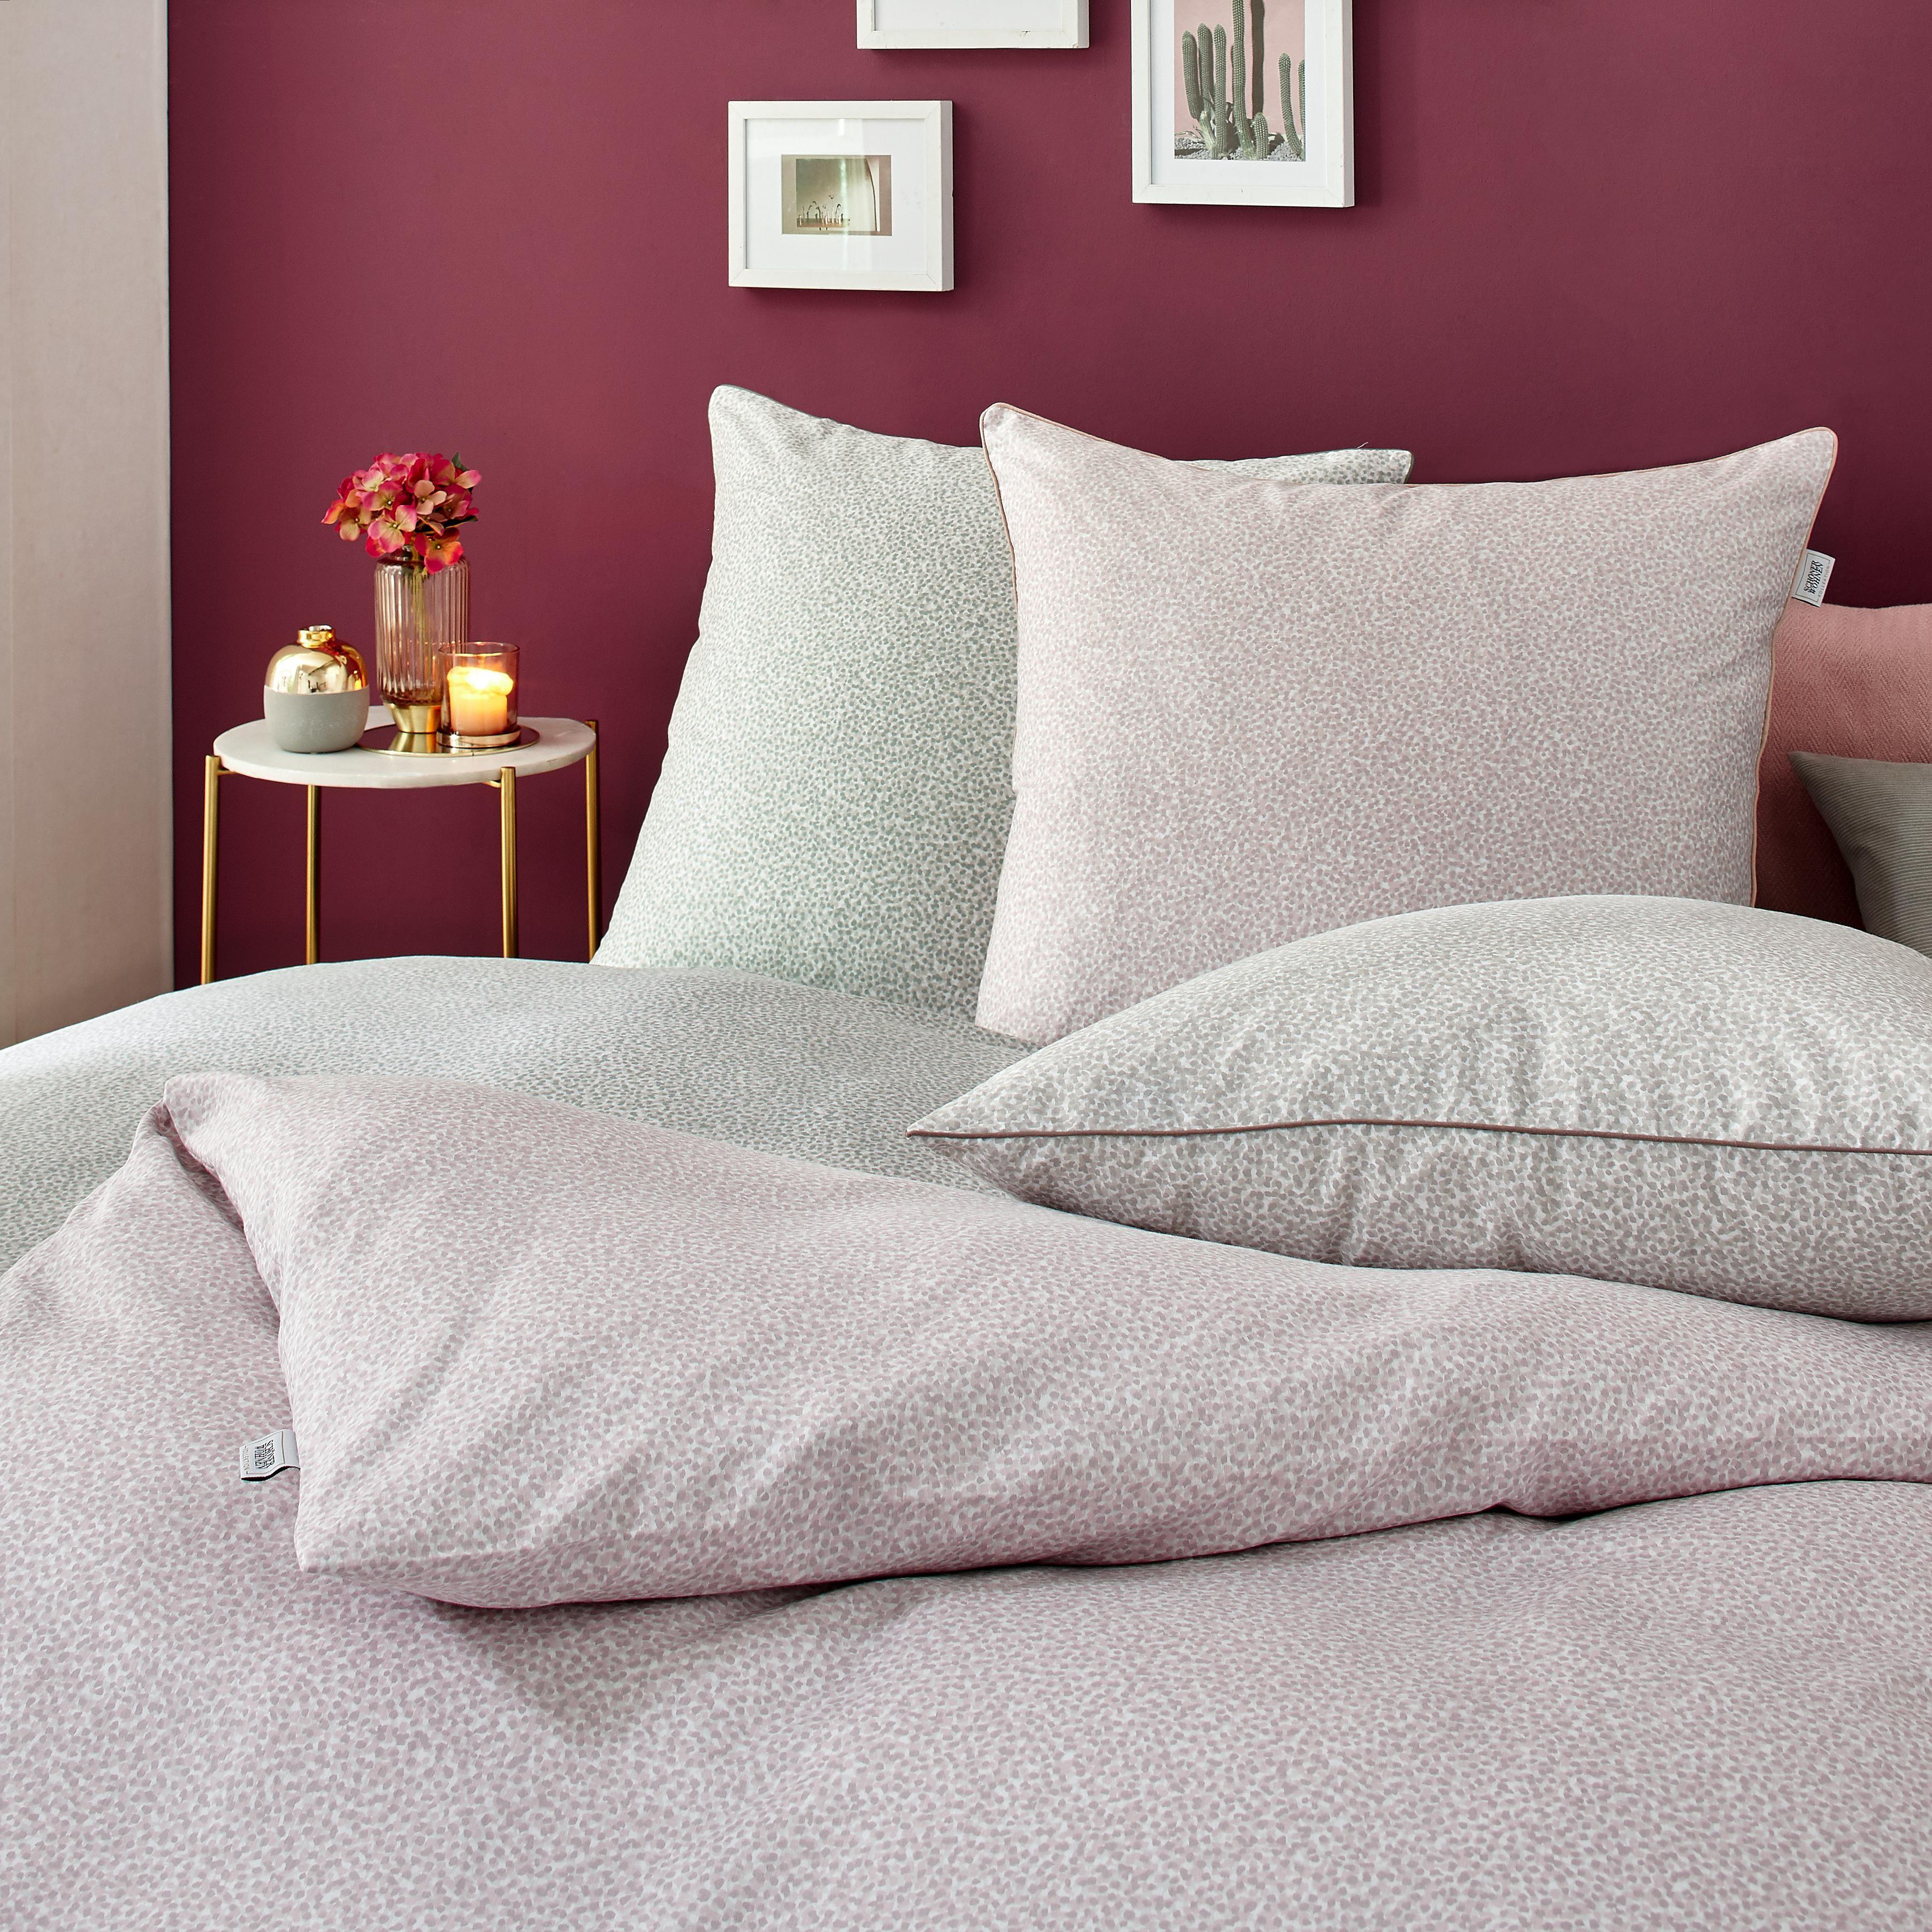 Auch im Schlafzimmer macht sich lila hervorragend. Egal ob